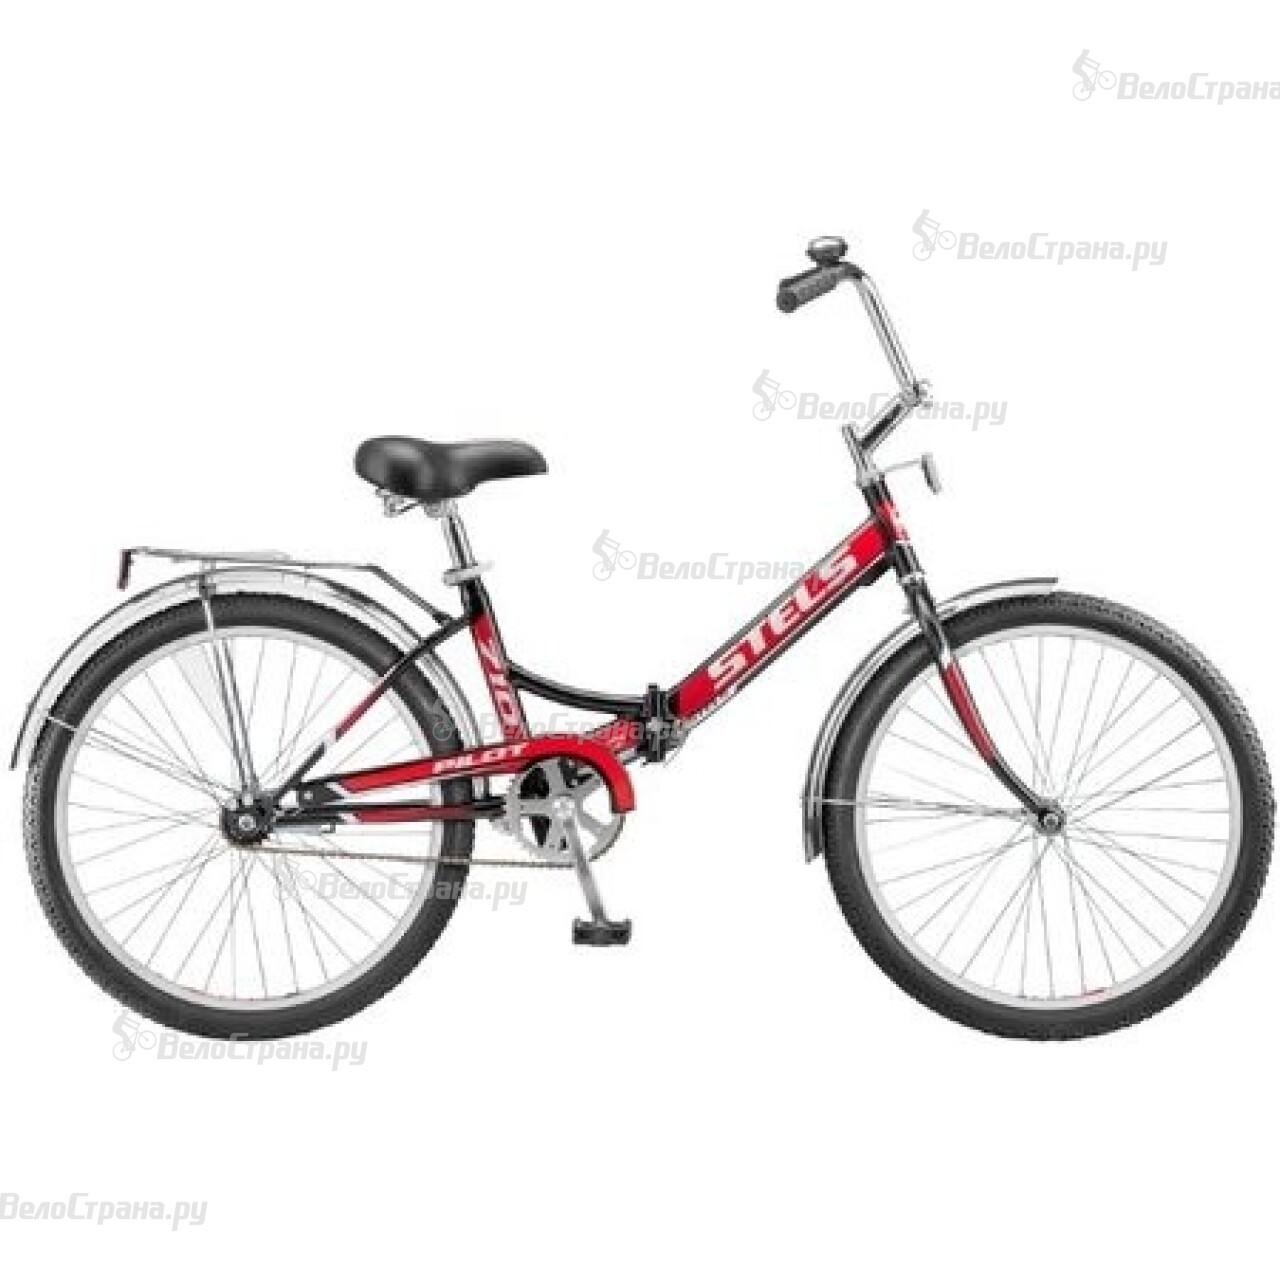 Велосипед Stels Pilot 710 (2015) stels pilot 730 2015